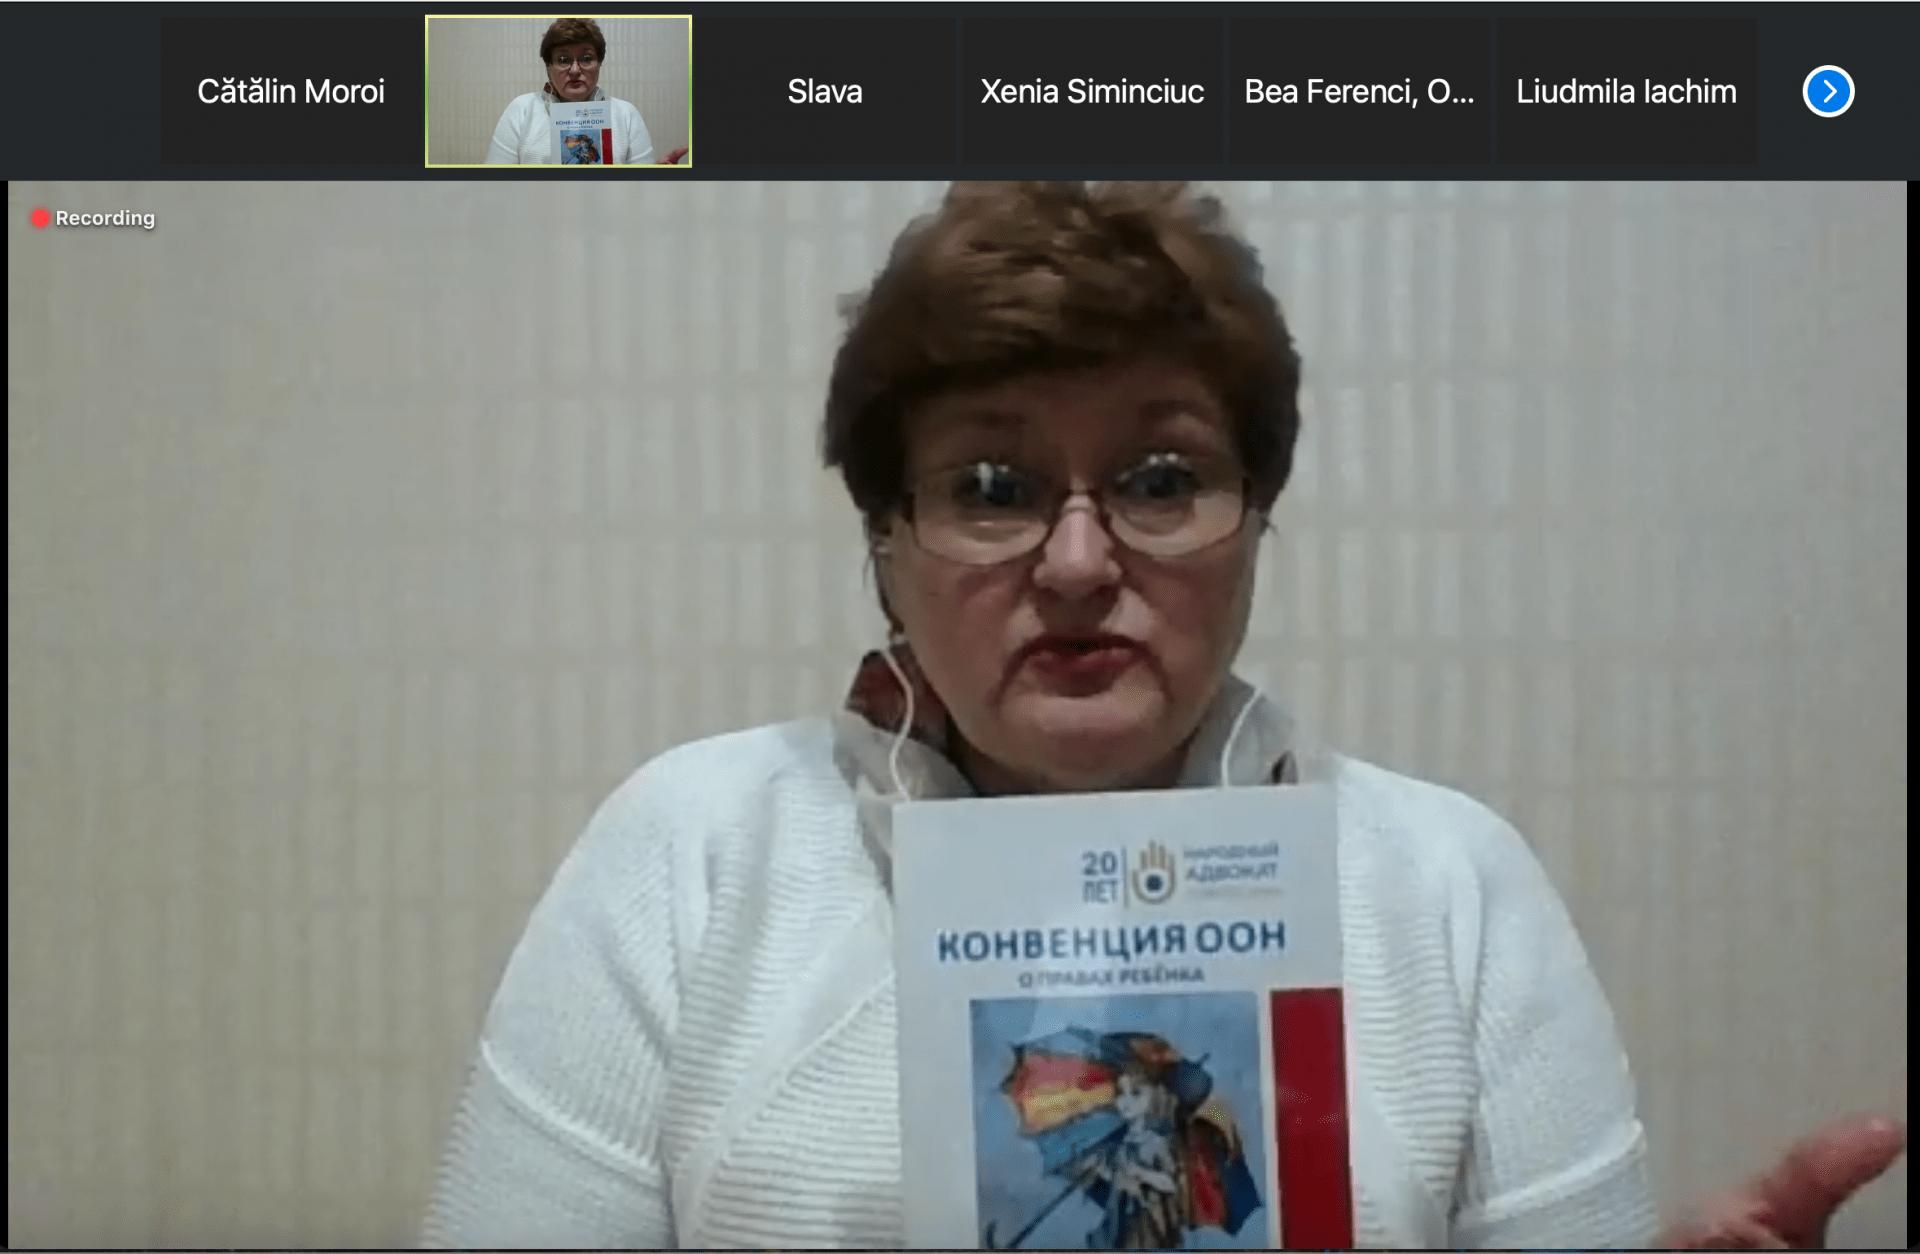 Prelegere privind respectarea drepturilor copilului în perioada crizei sanitare, ținută de Ombudsmanul Copilului pentru elevii din școlile cu predare în limba română din stânga Nistrului